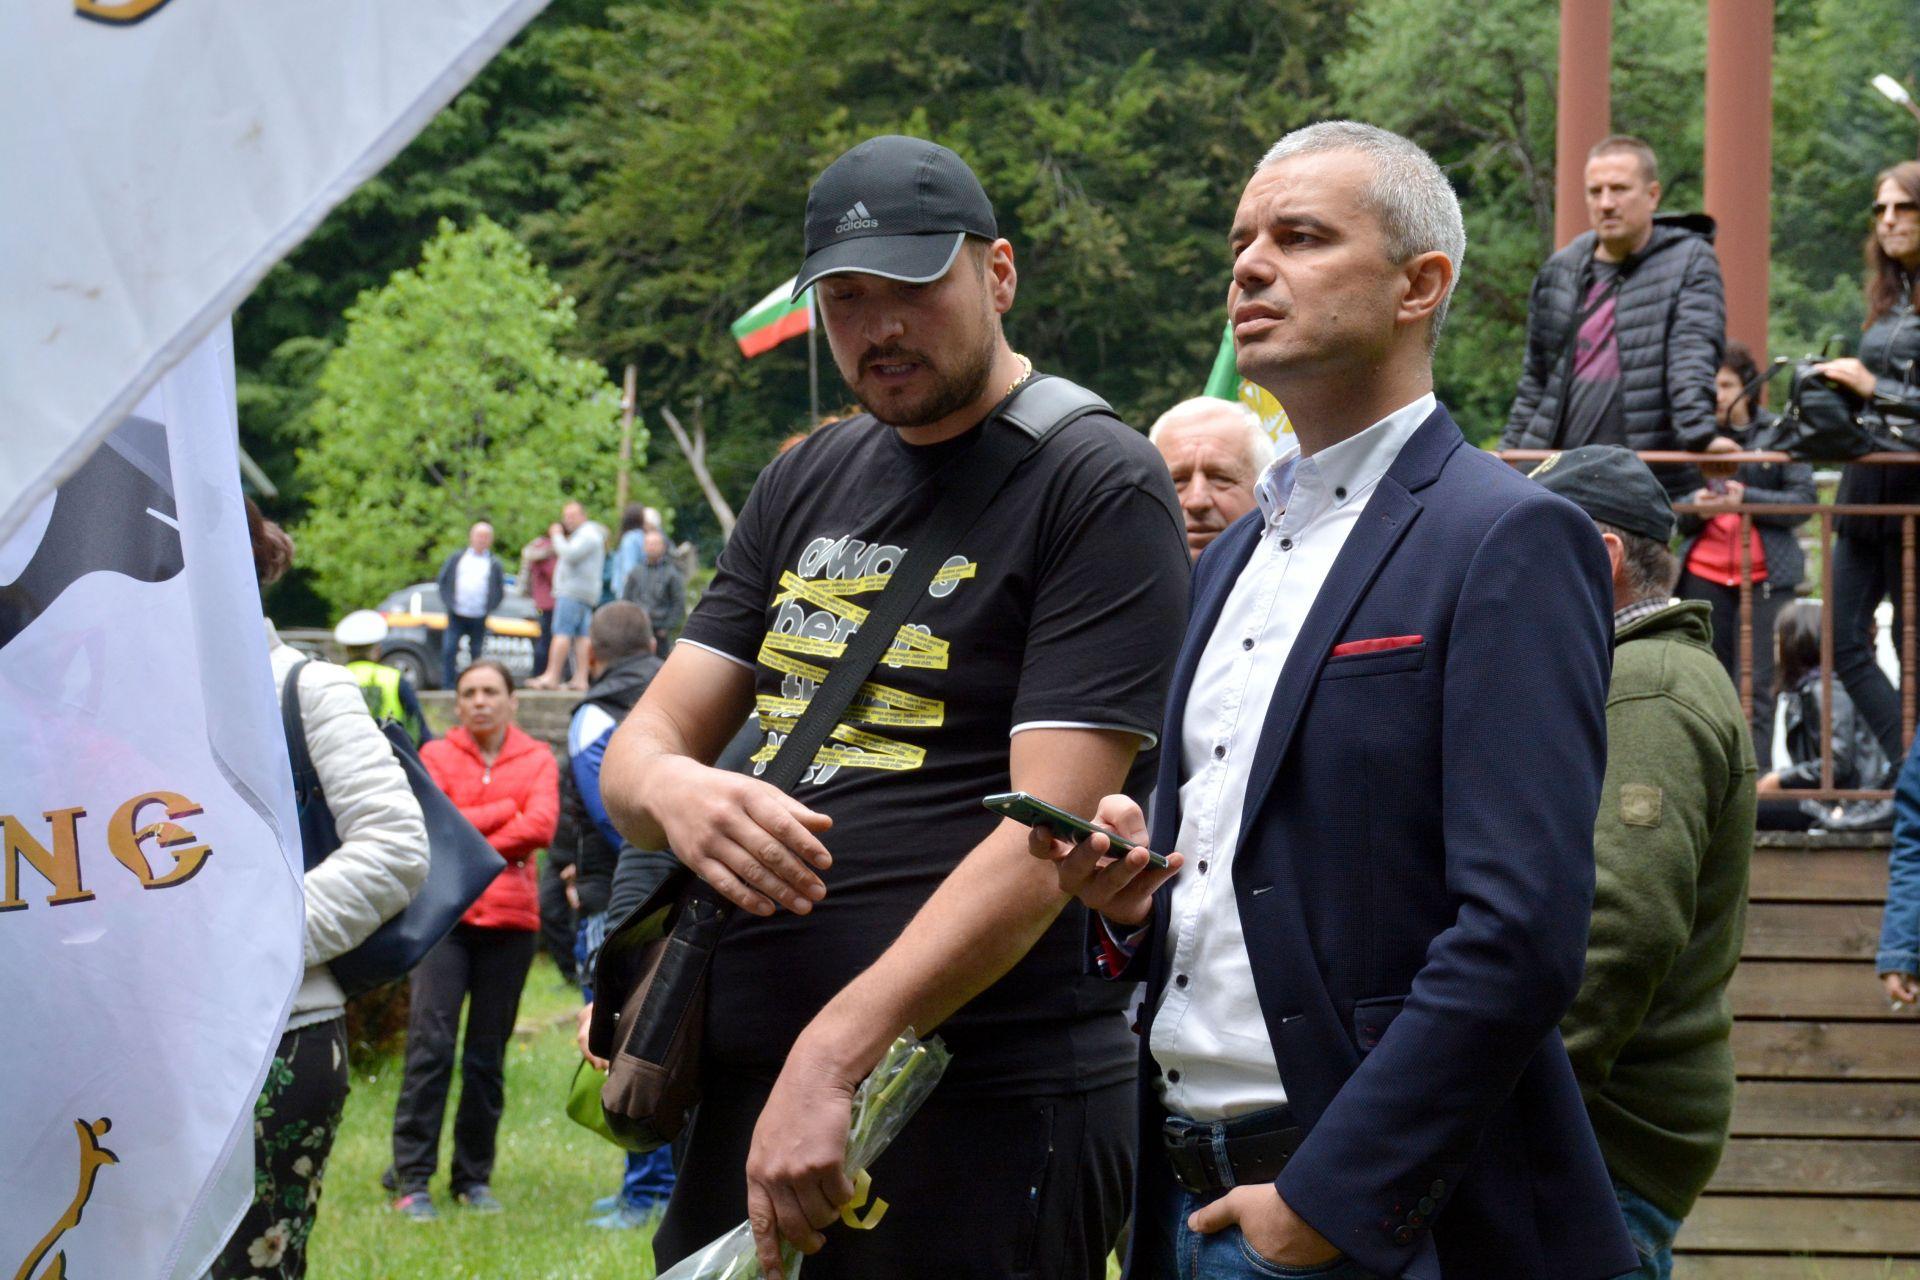 """Лидерът на партия """"Възраждане"""" Костадин Костадинов, когото прокуратурата разследва за присвояване на партийна субсидия, също участва в празника"""